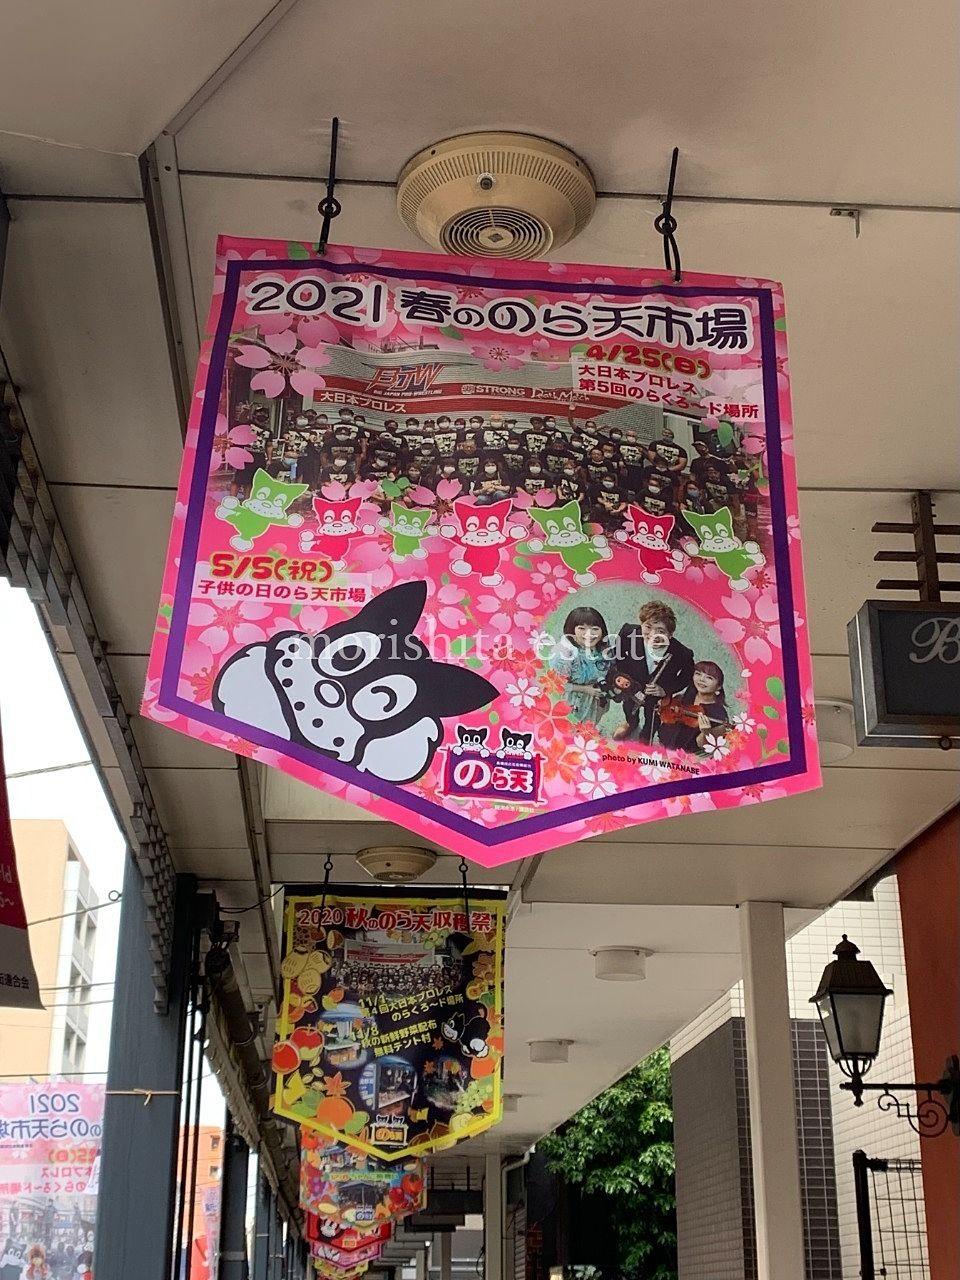 高橋 商店街 のらくろード 歩行者天国 花屋 写真